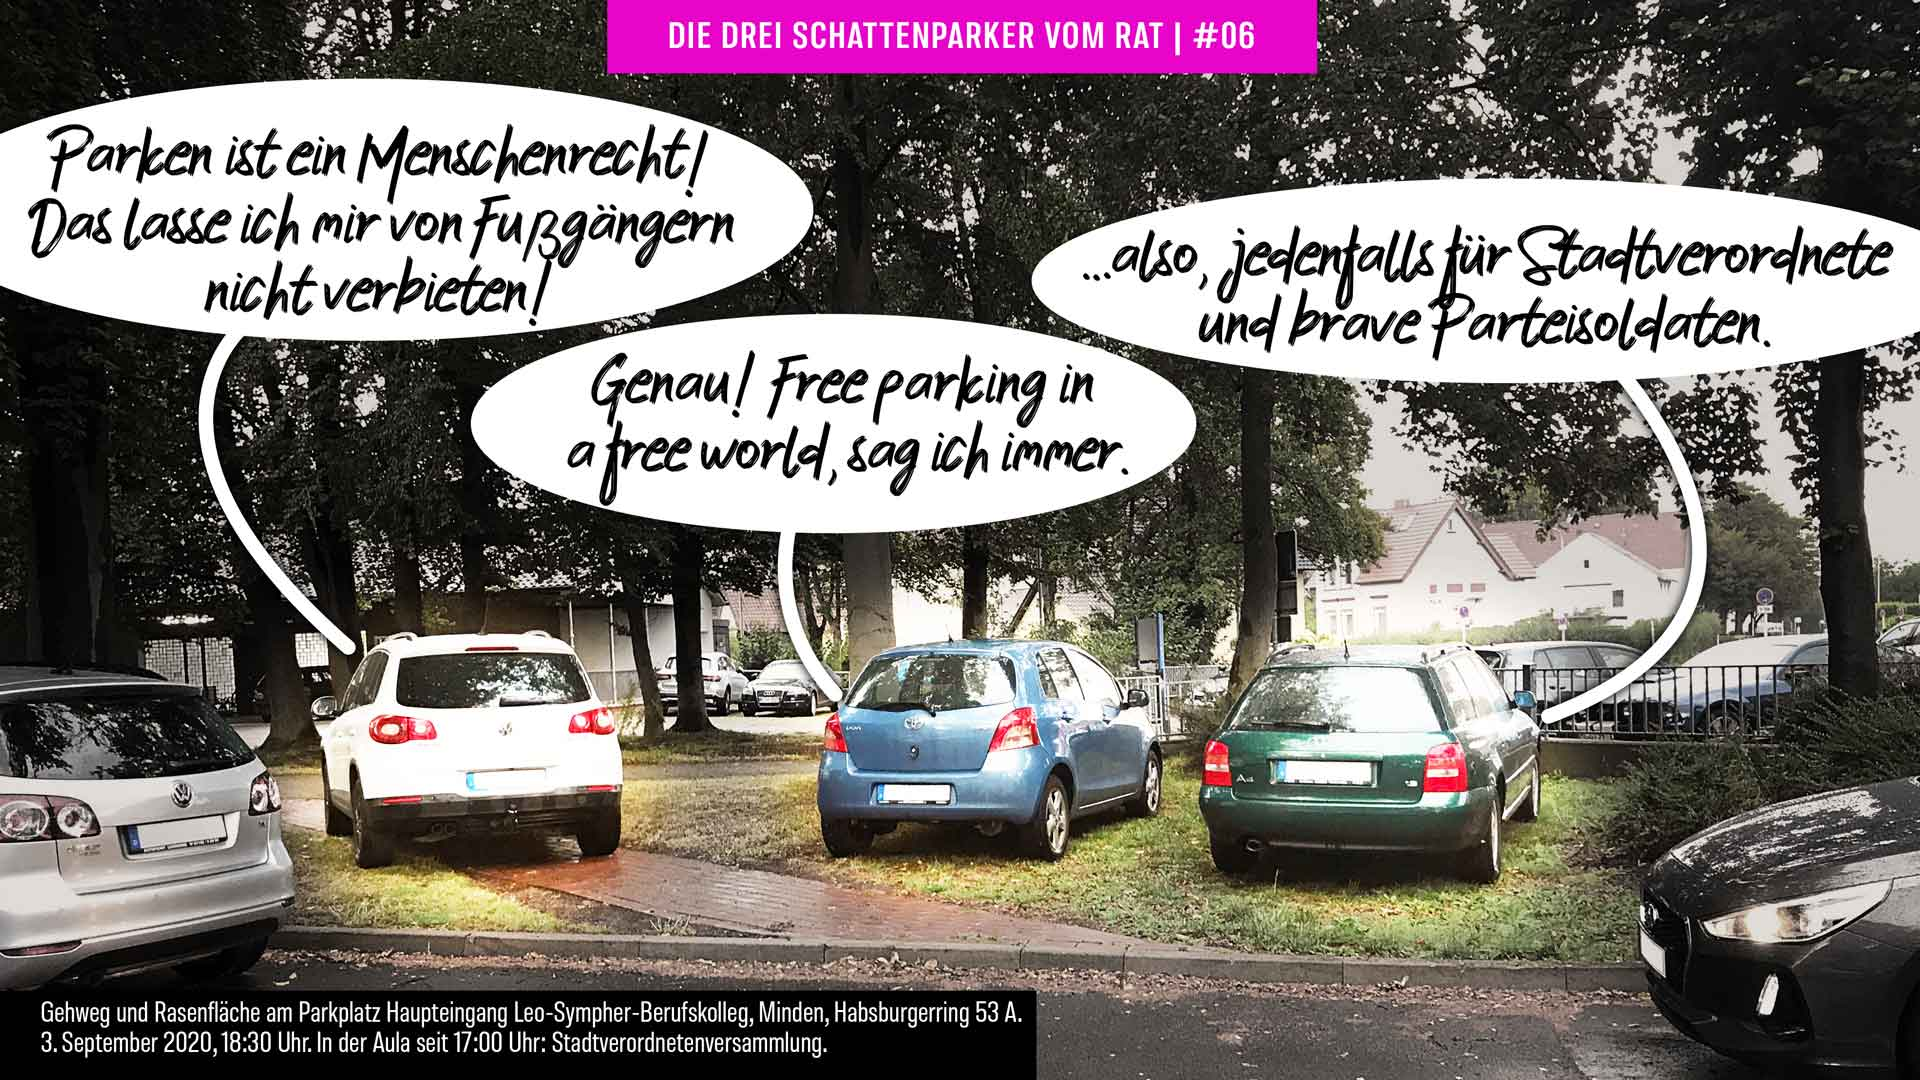 Die drei Schattenparker vom Rat: Free Parking